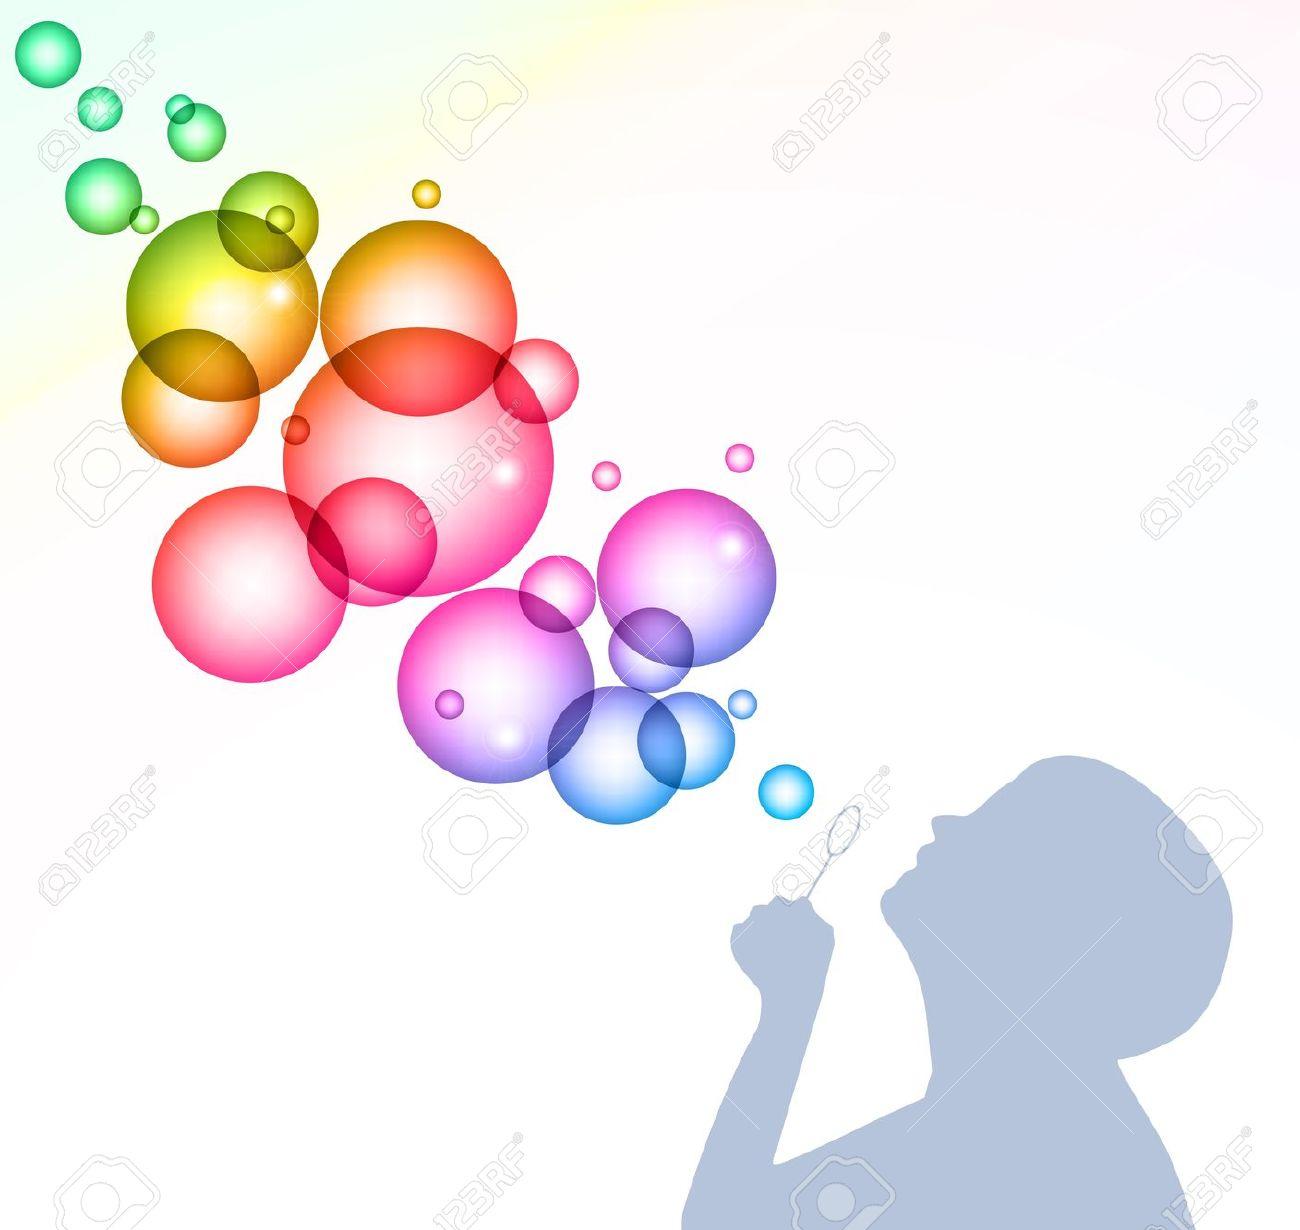 Child blowing bubbles clipart.